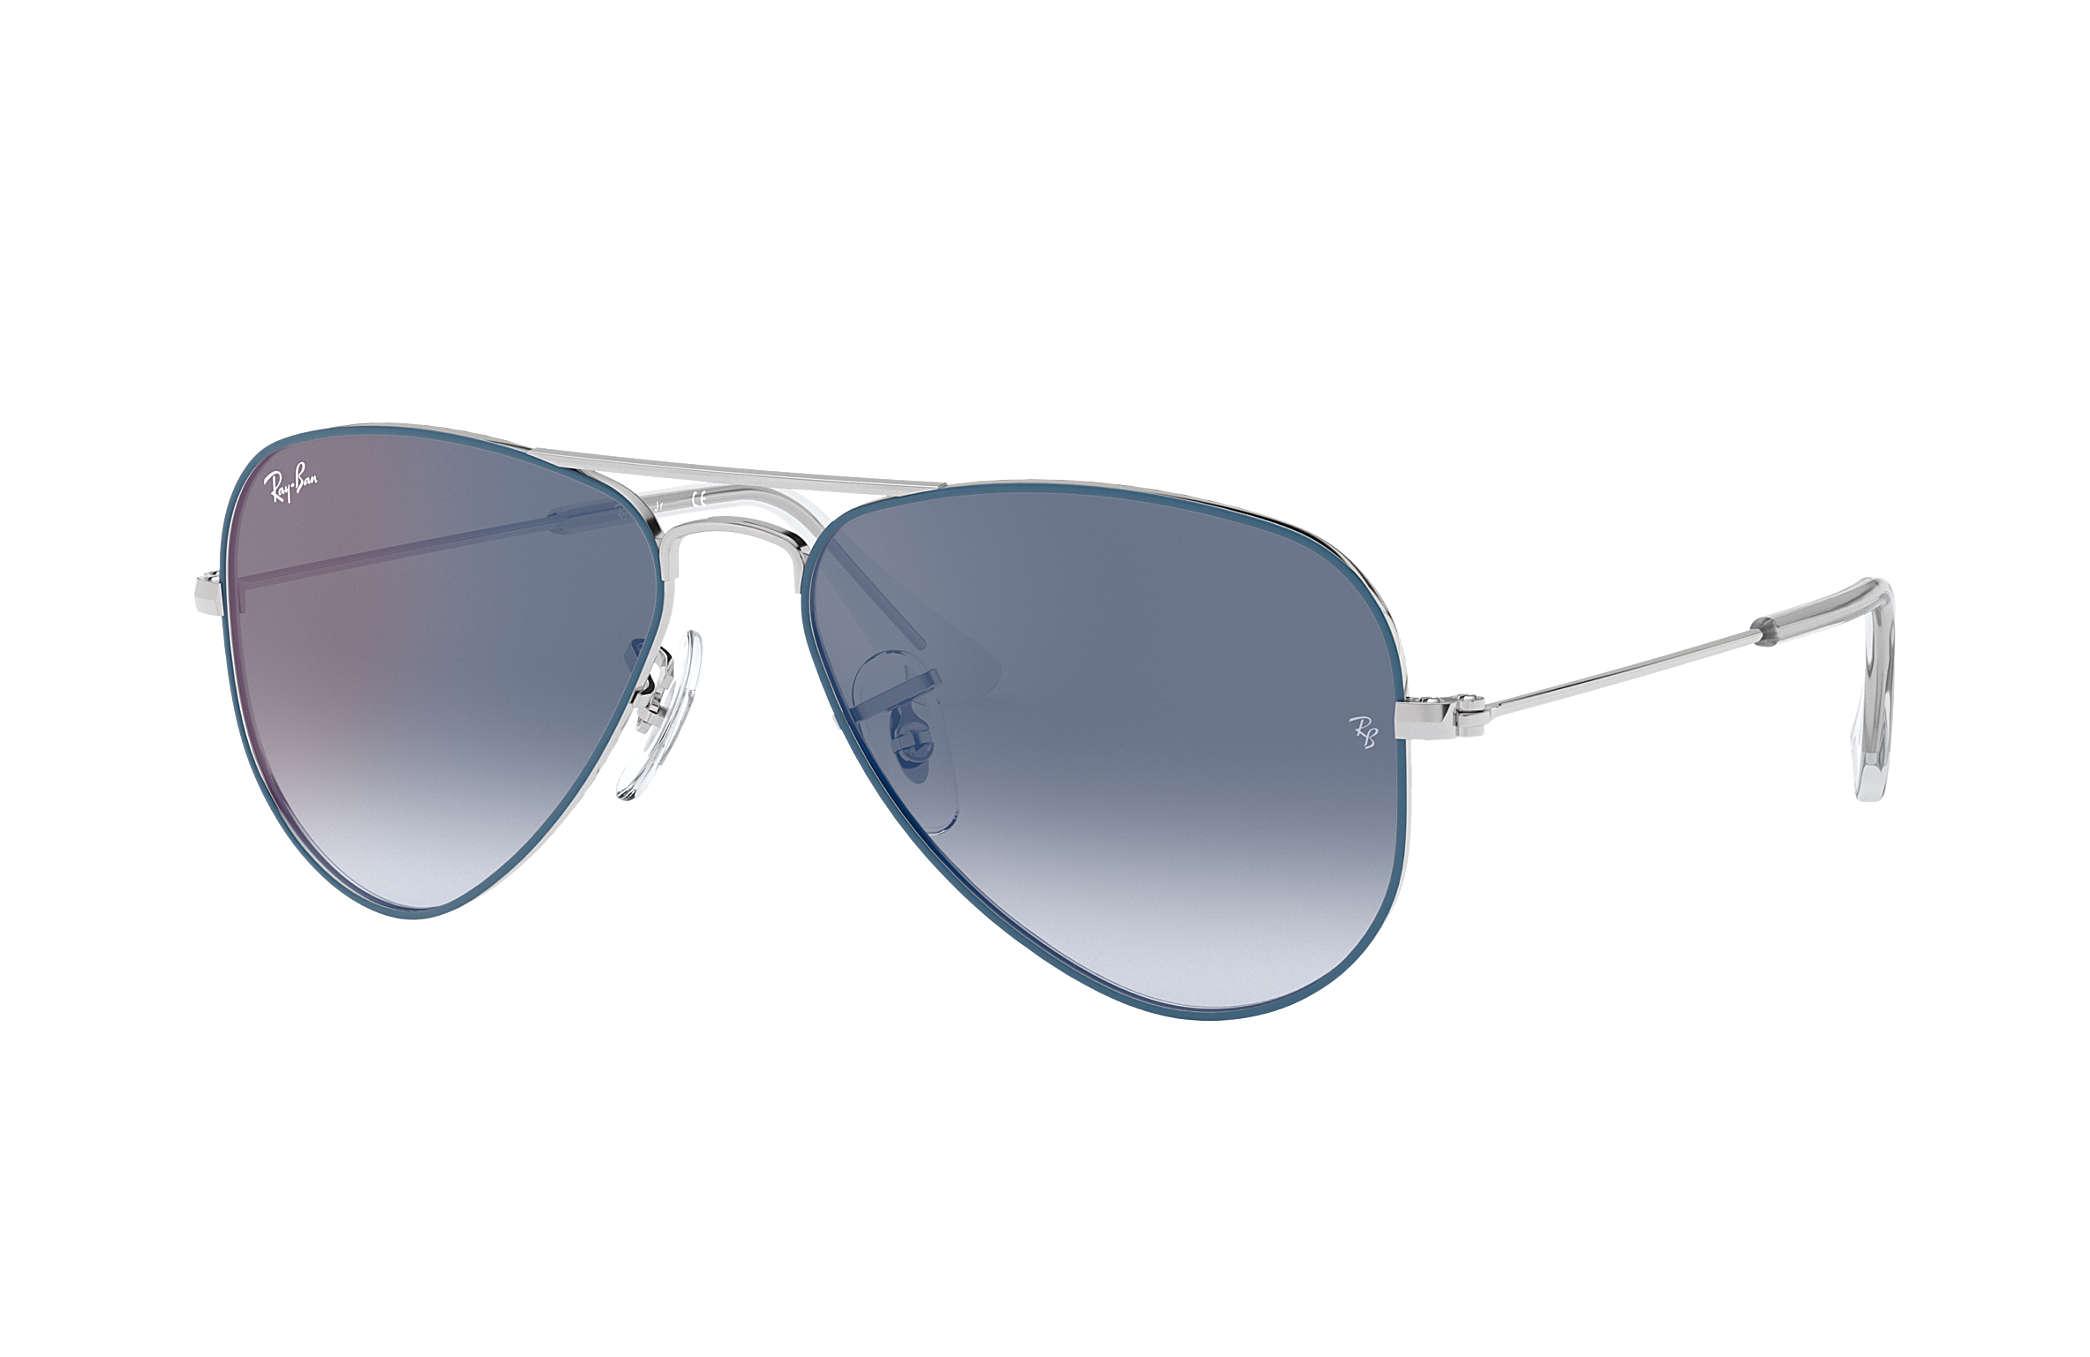 09c0fe7f4efa2 Ray-Ban Aviator Junior RB9506S Light Blue - Metal - Blue Lenses ...